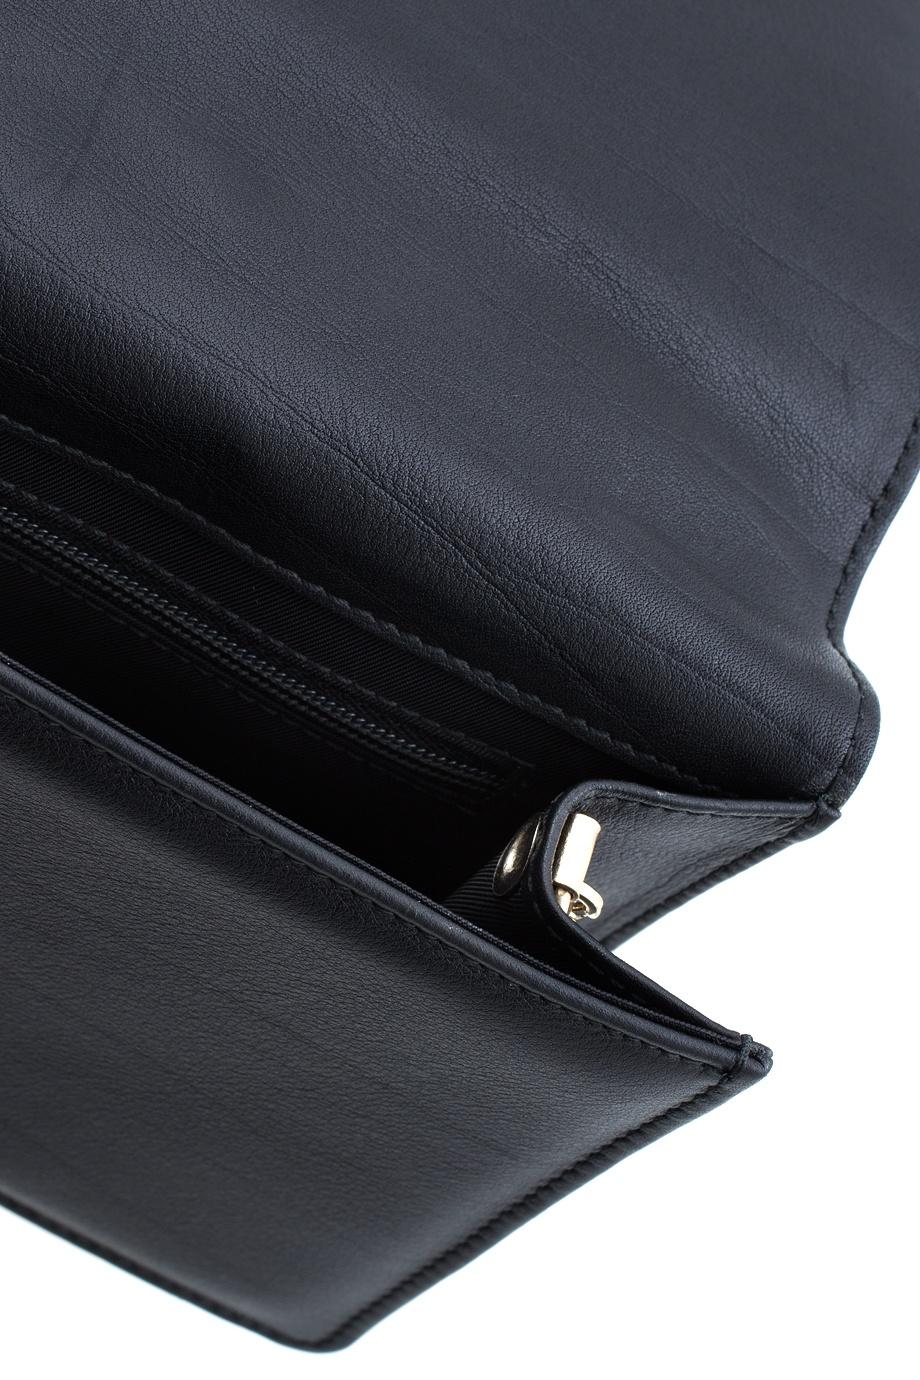 a133cf40a3d4 Кожаный клатч Bernard Delettrez – купить в интернет-магазине в Москве